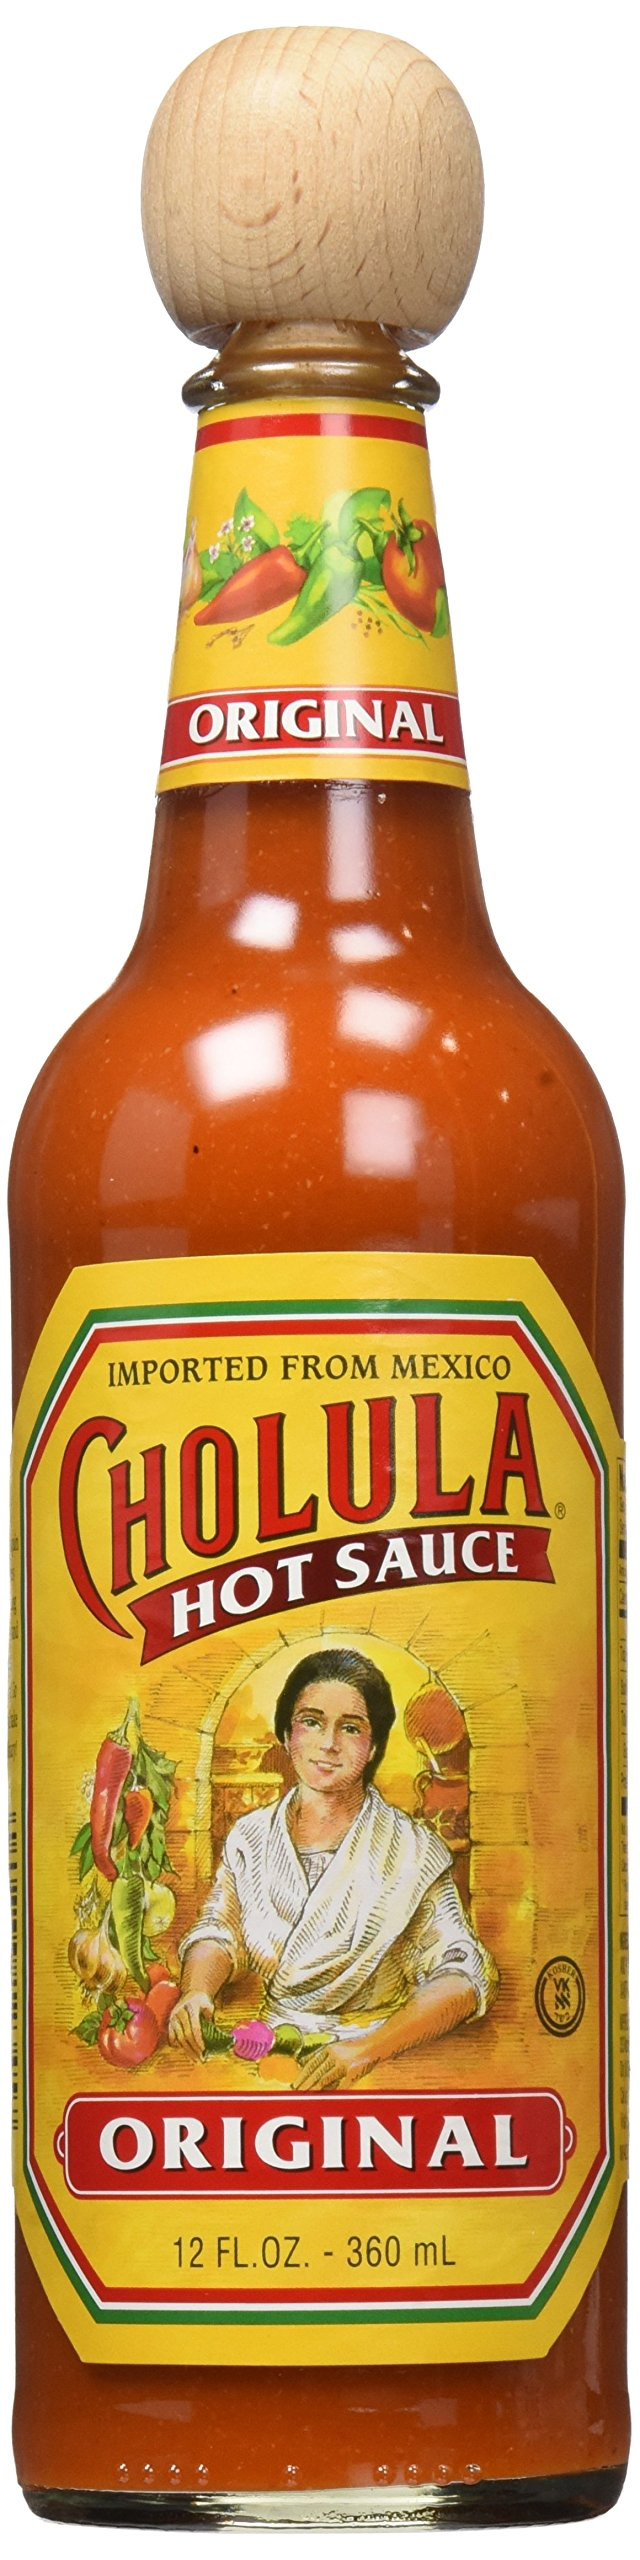 Cholula Original Hot Sauce 12 Oz (Pack of 2)